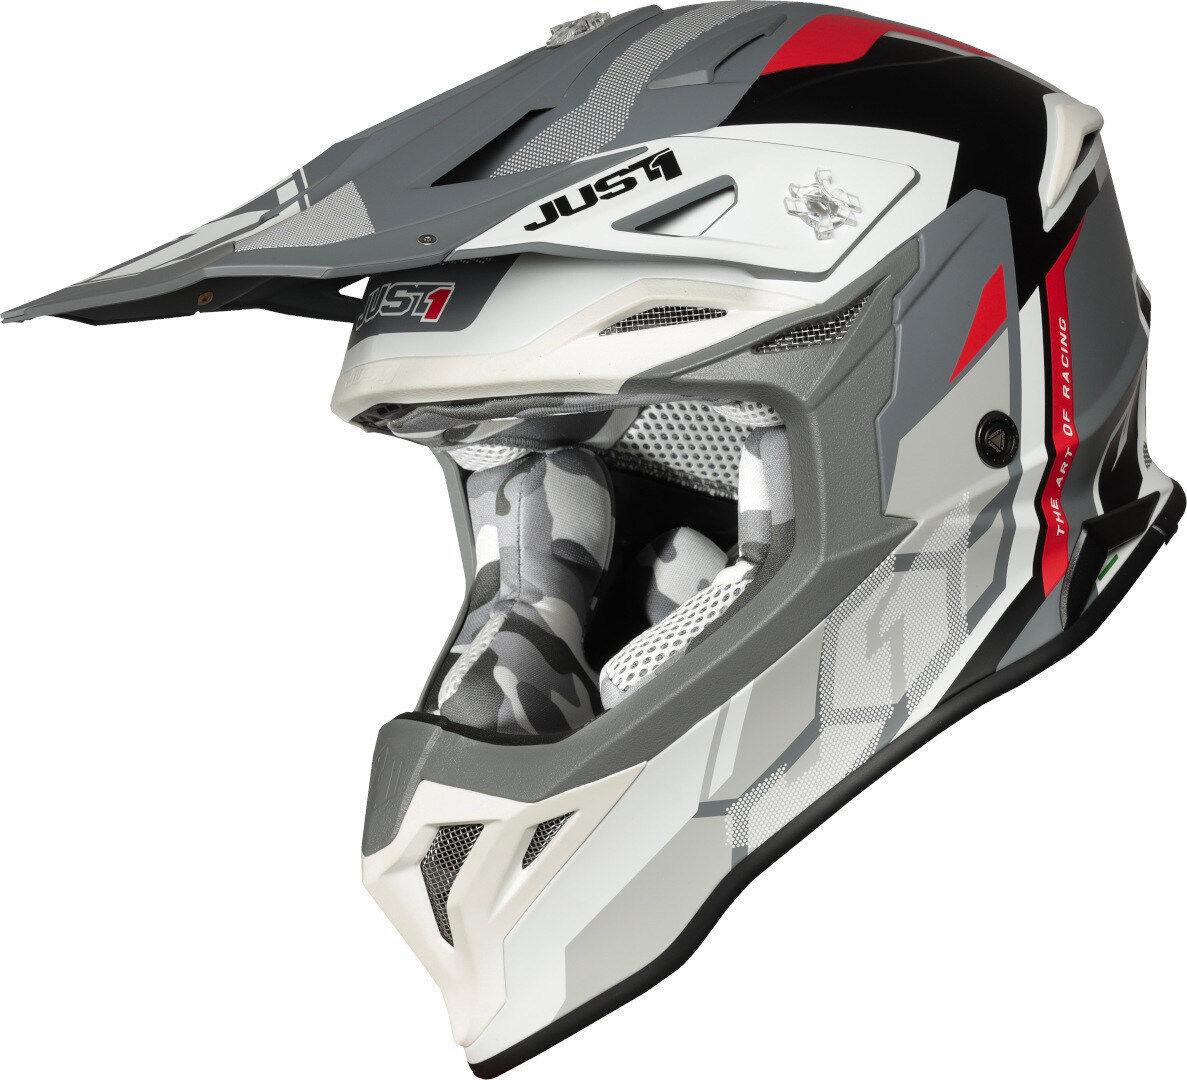 Just1 J39 Reactor Motocross kypärä  - Harmaa Valkoinen Punainen - Size: XL